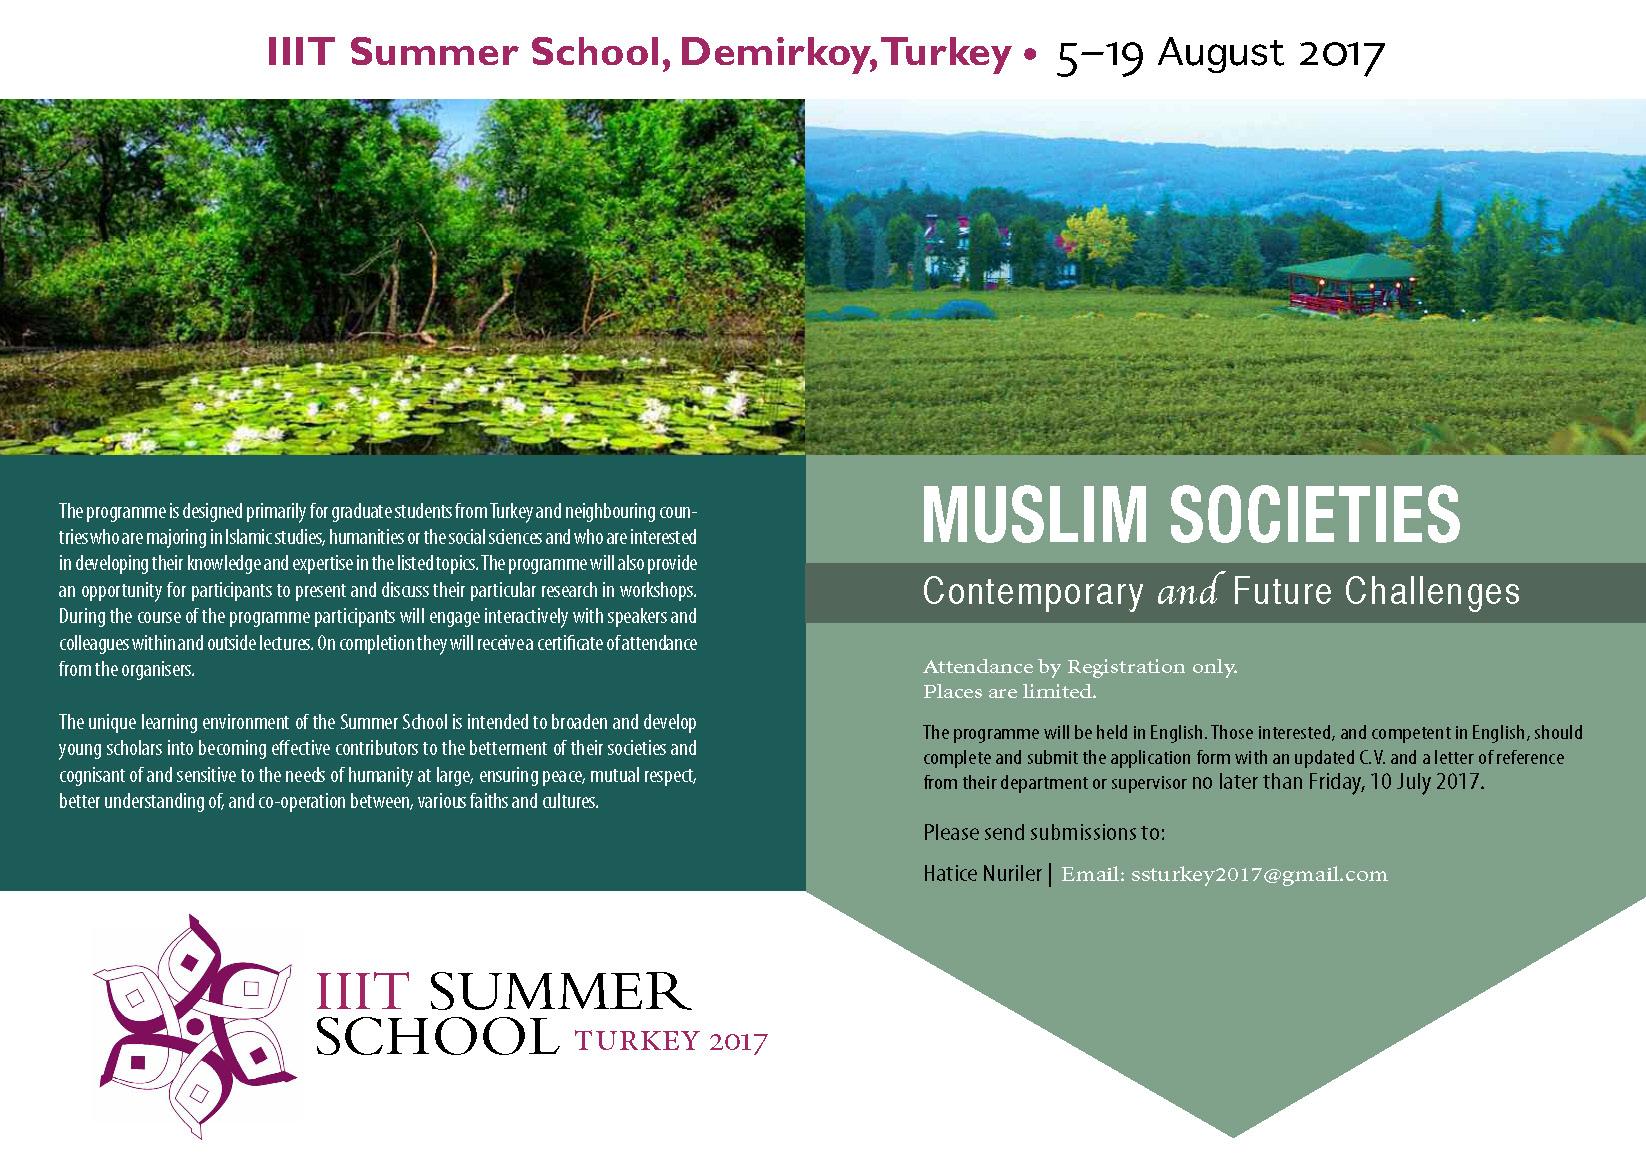 IIIT Summer School, Turkey